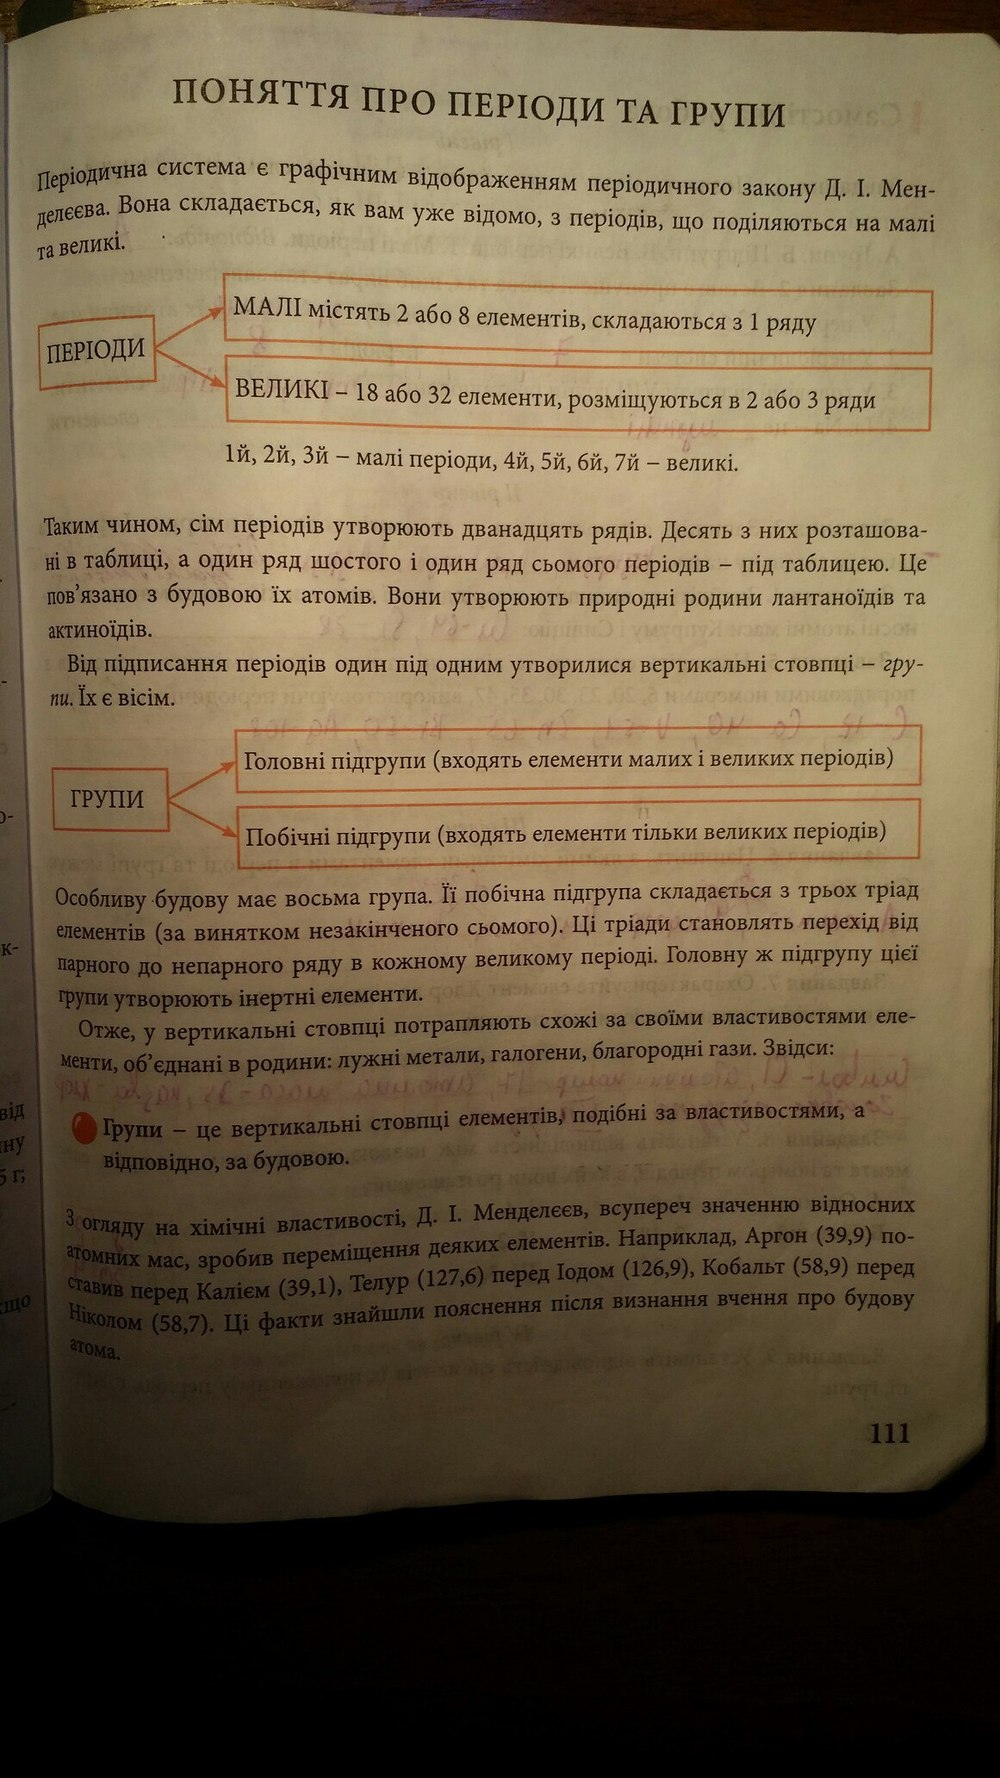 ГДЗ відповіді робочий зошит по химии 8 класс. Задание: стр. 111